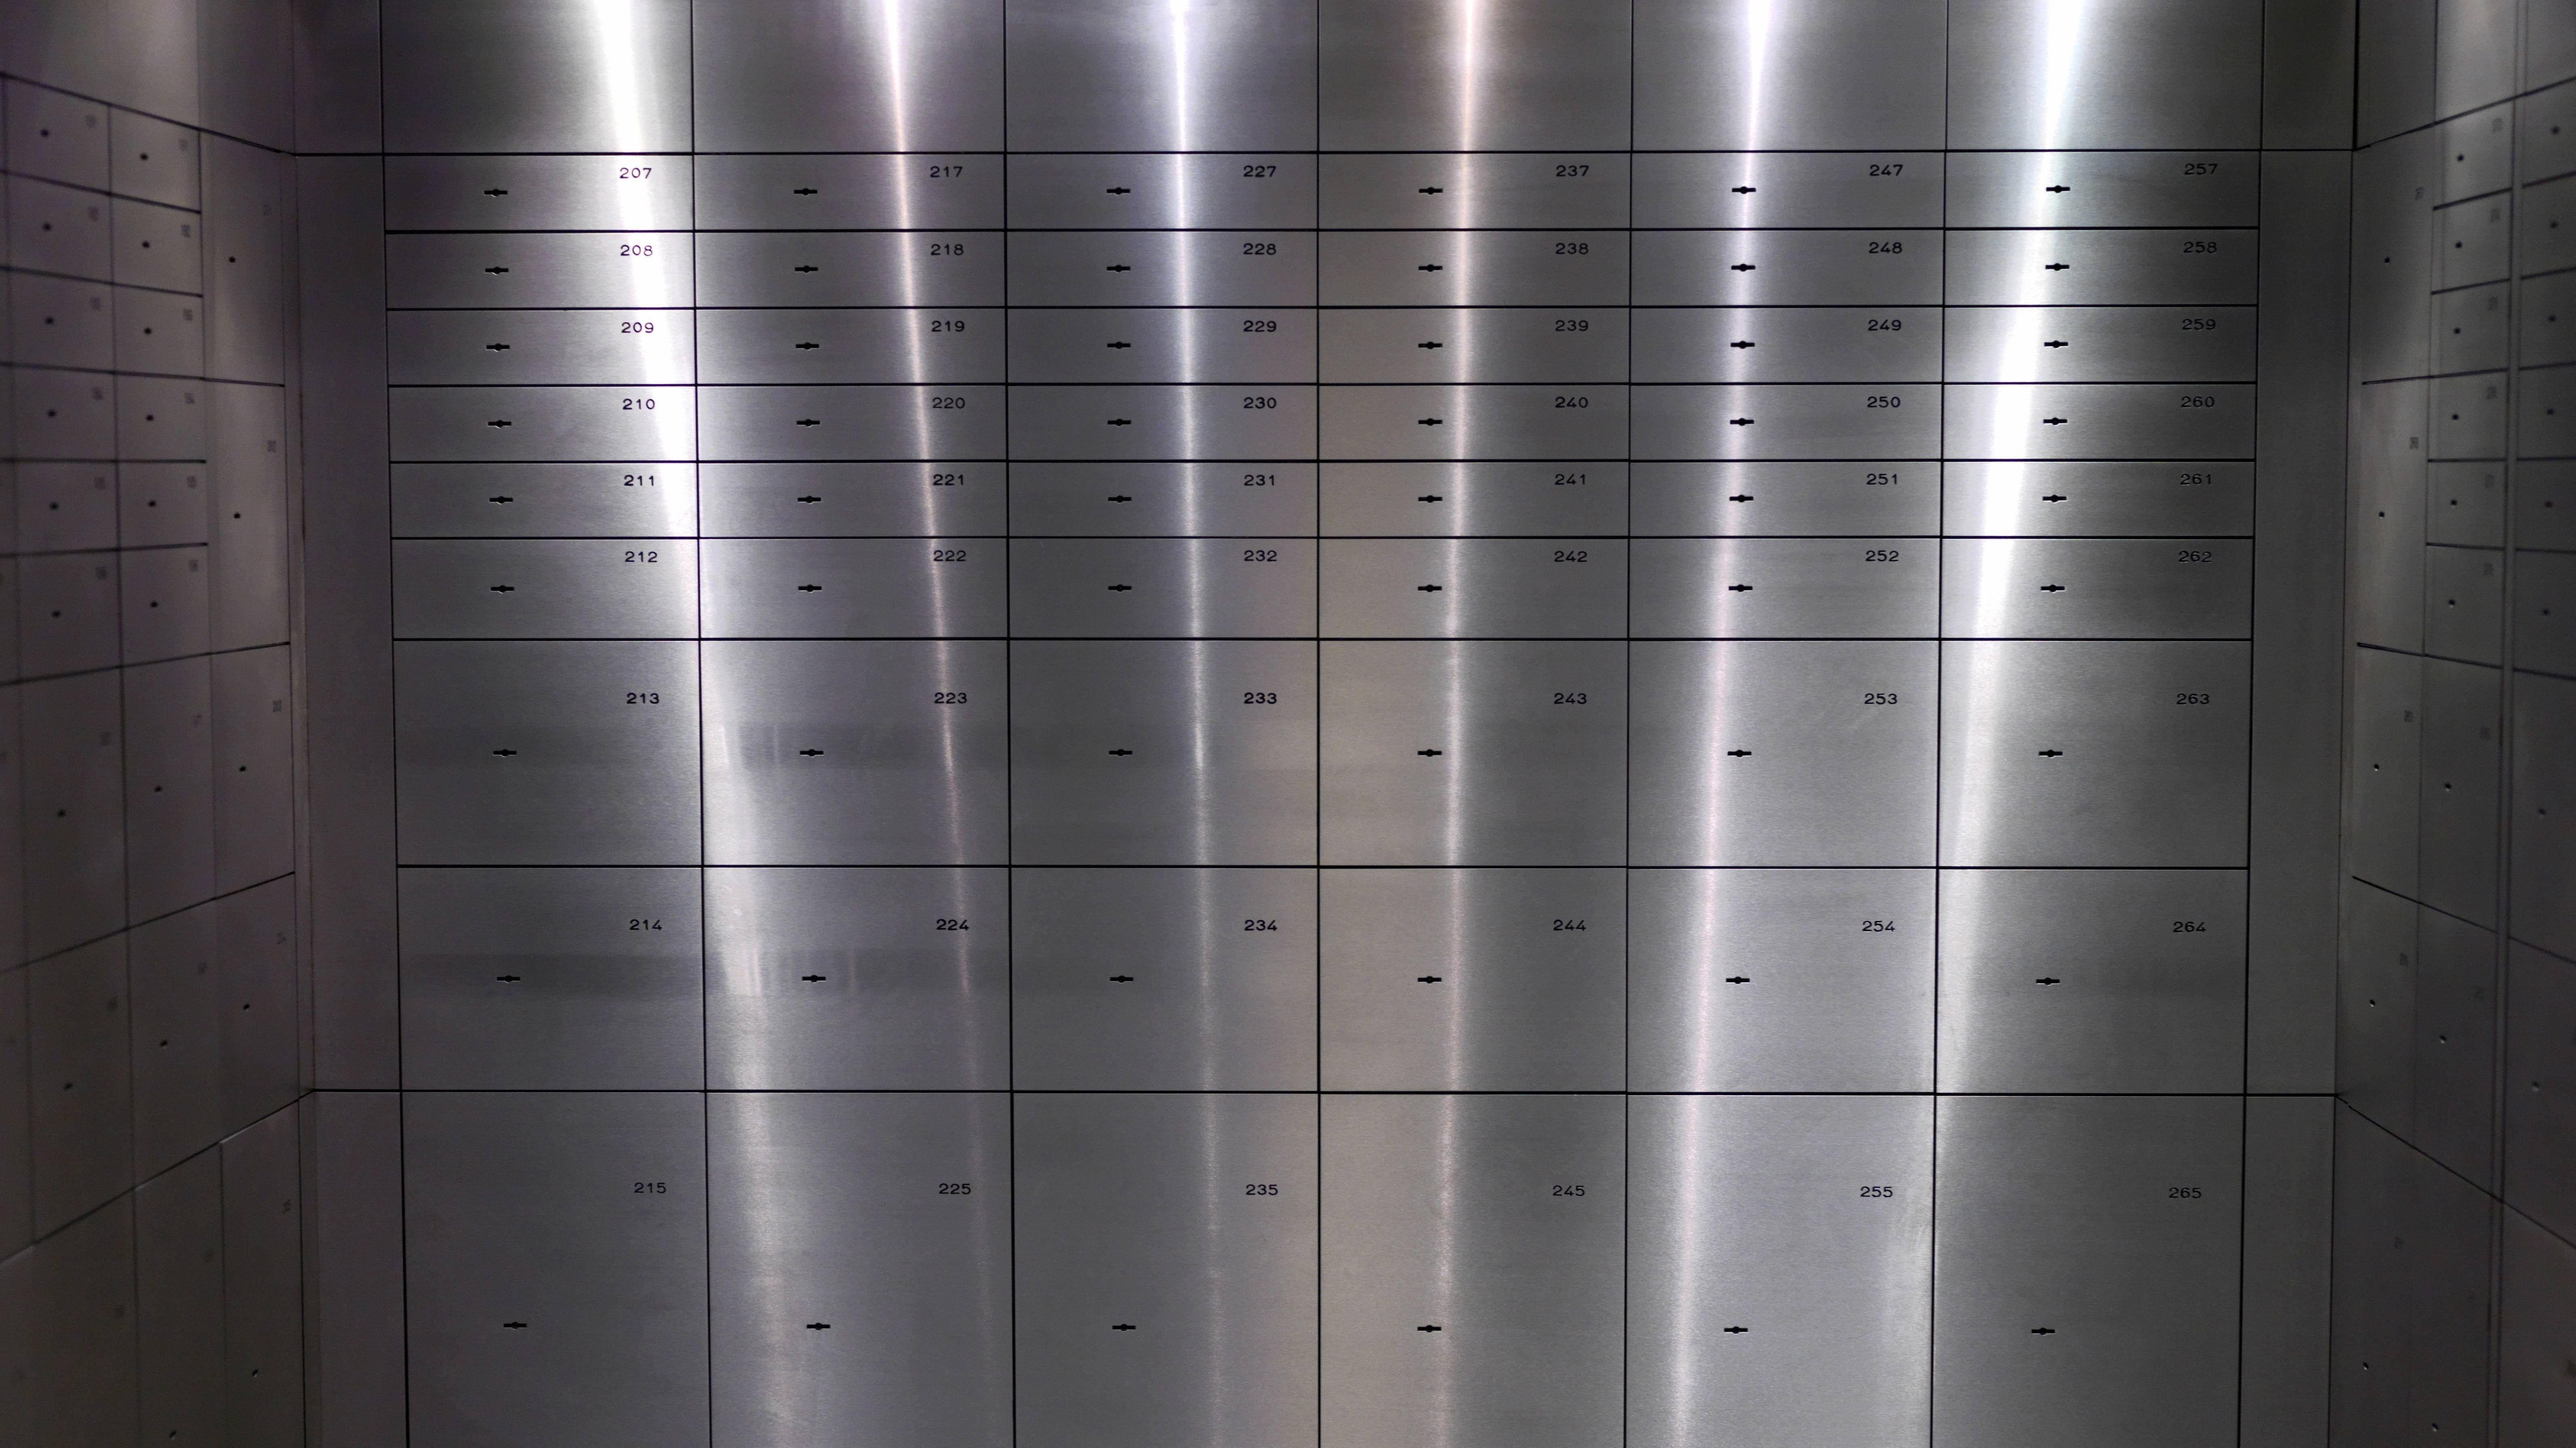 Symbolbild: Blick in einen Münchner Tresorraum mit Bankschließfächern.